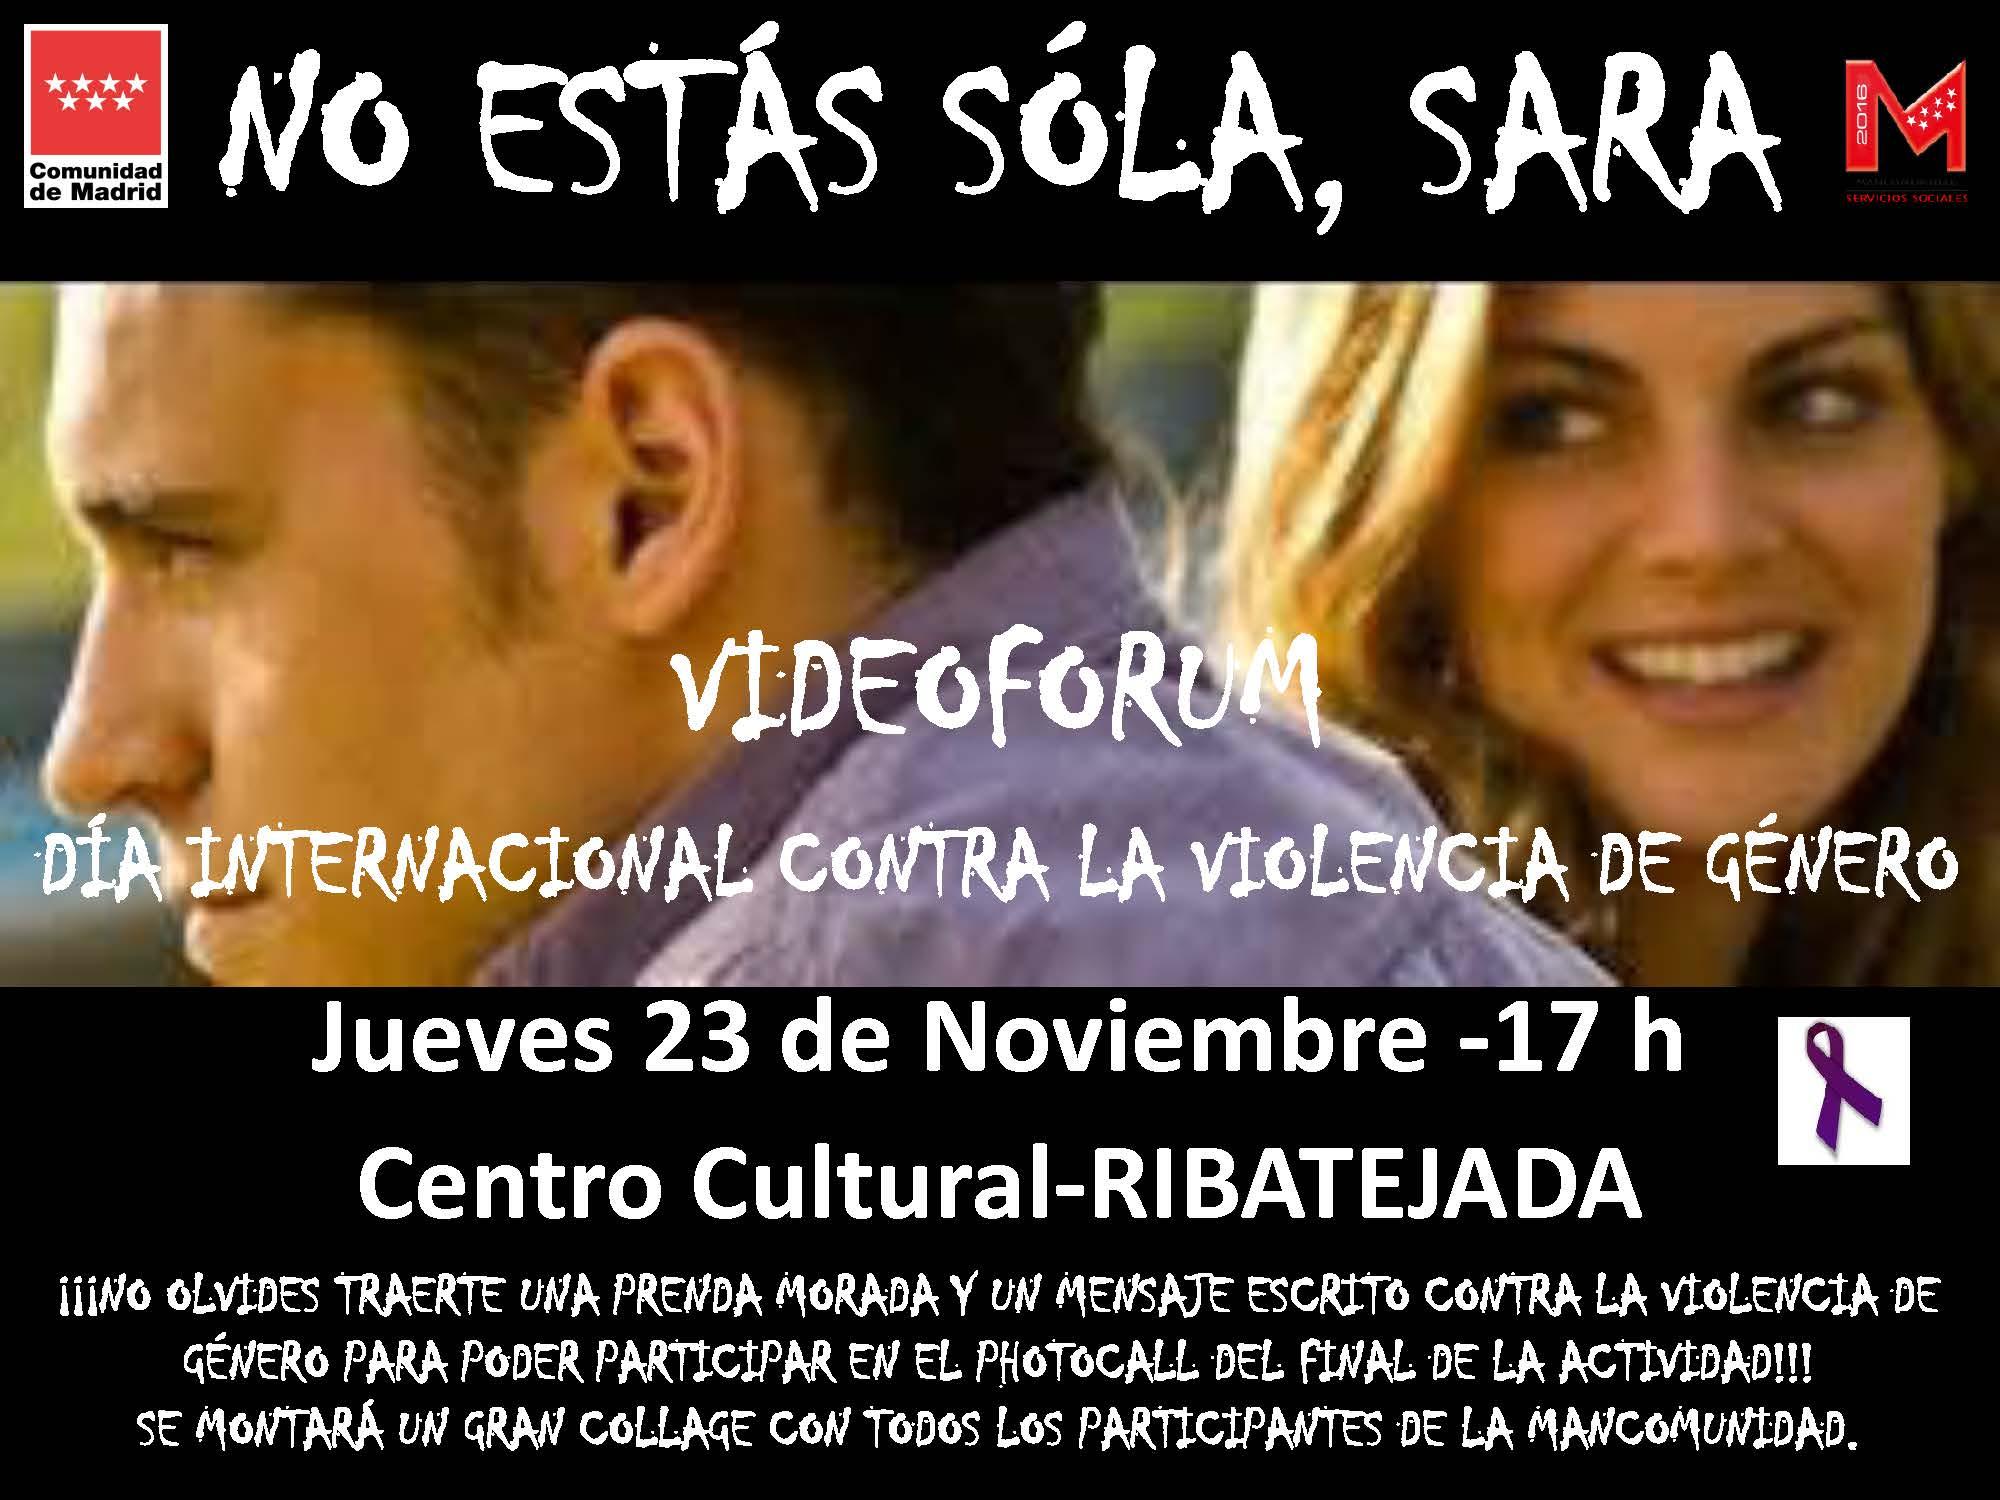 Videoforum Ribatejada contra la violencia de género